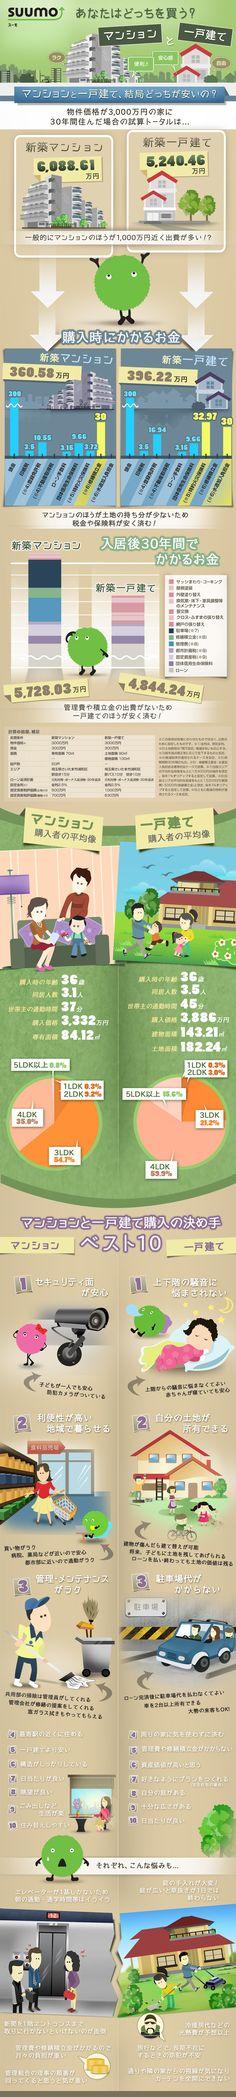 同価格のマンションと一戸建 30年後はどっちが安い?を比較したインフォグラフィック | infographic.jp - インフォグラフィックス by IOIX